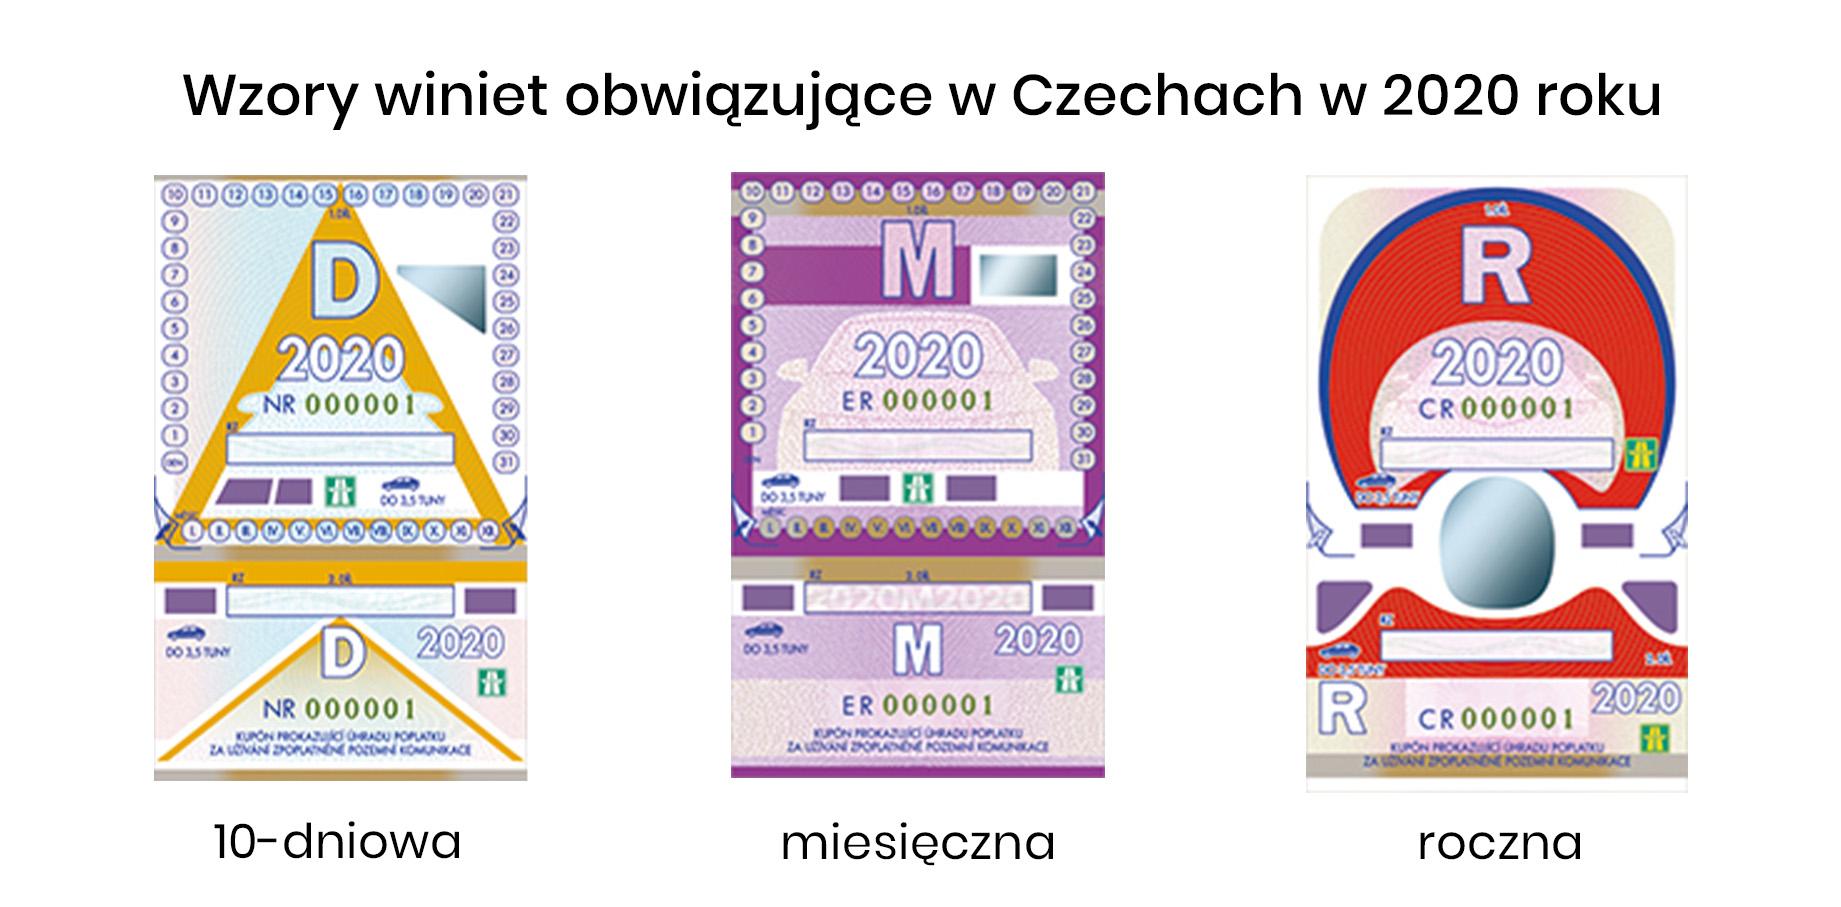 wzory winiet w Czechach w 2020